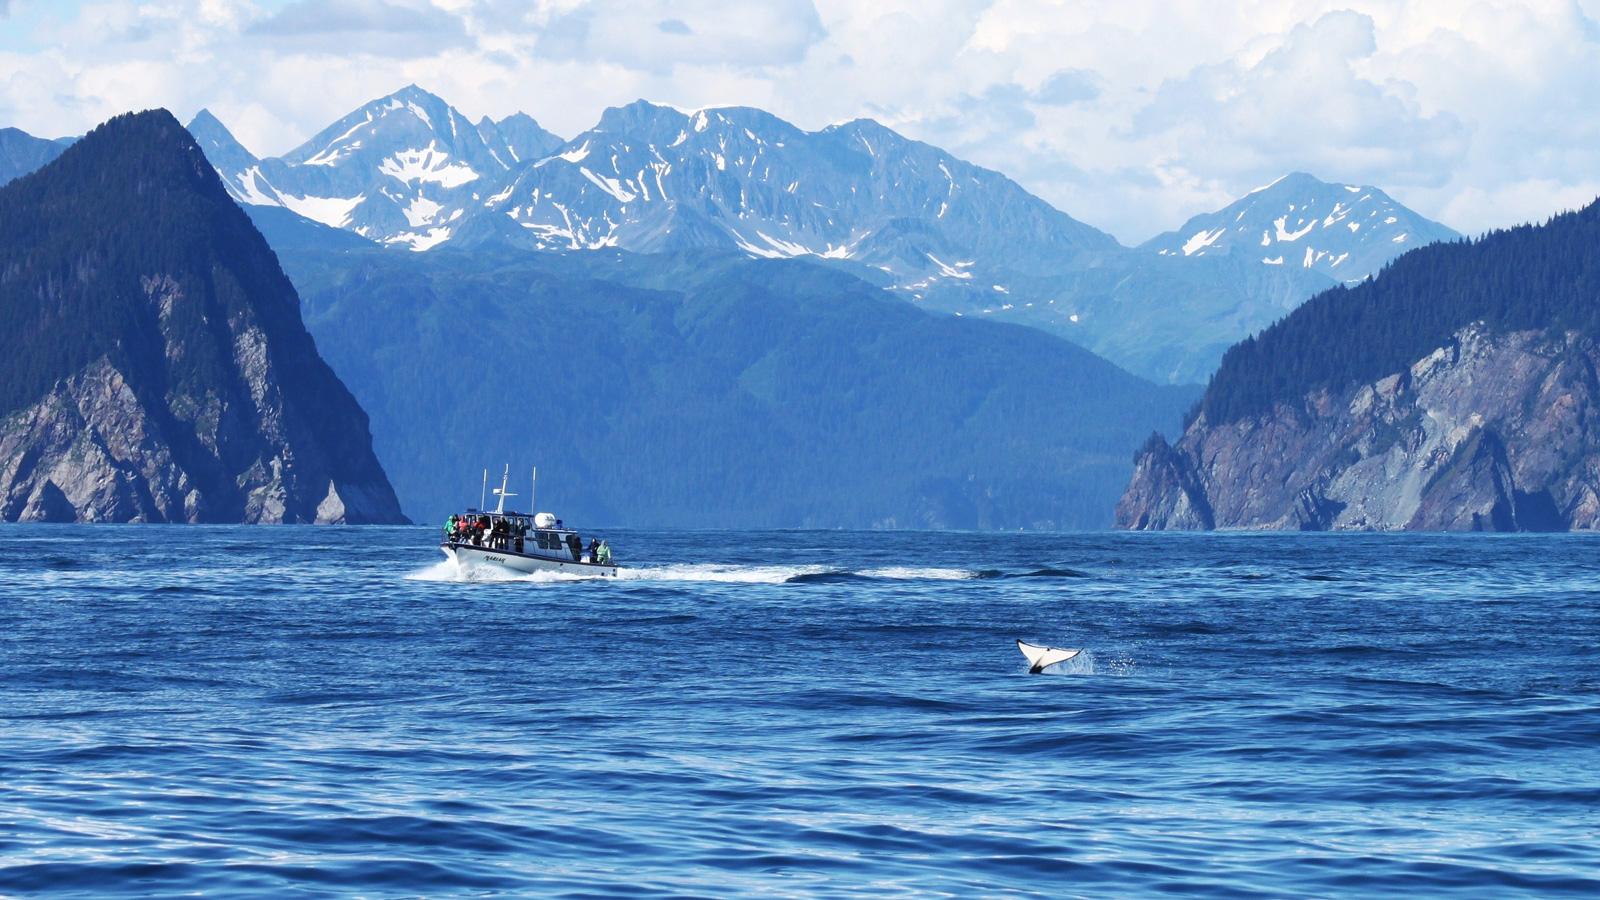 Abenteuerreise durch Alaskas Wildnis Gruppenreise Reise für junge Leute traveljunkies